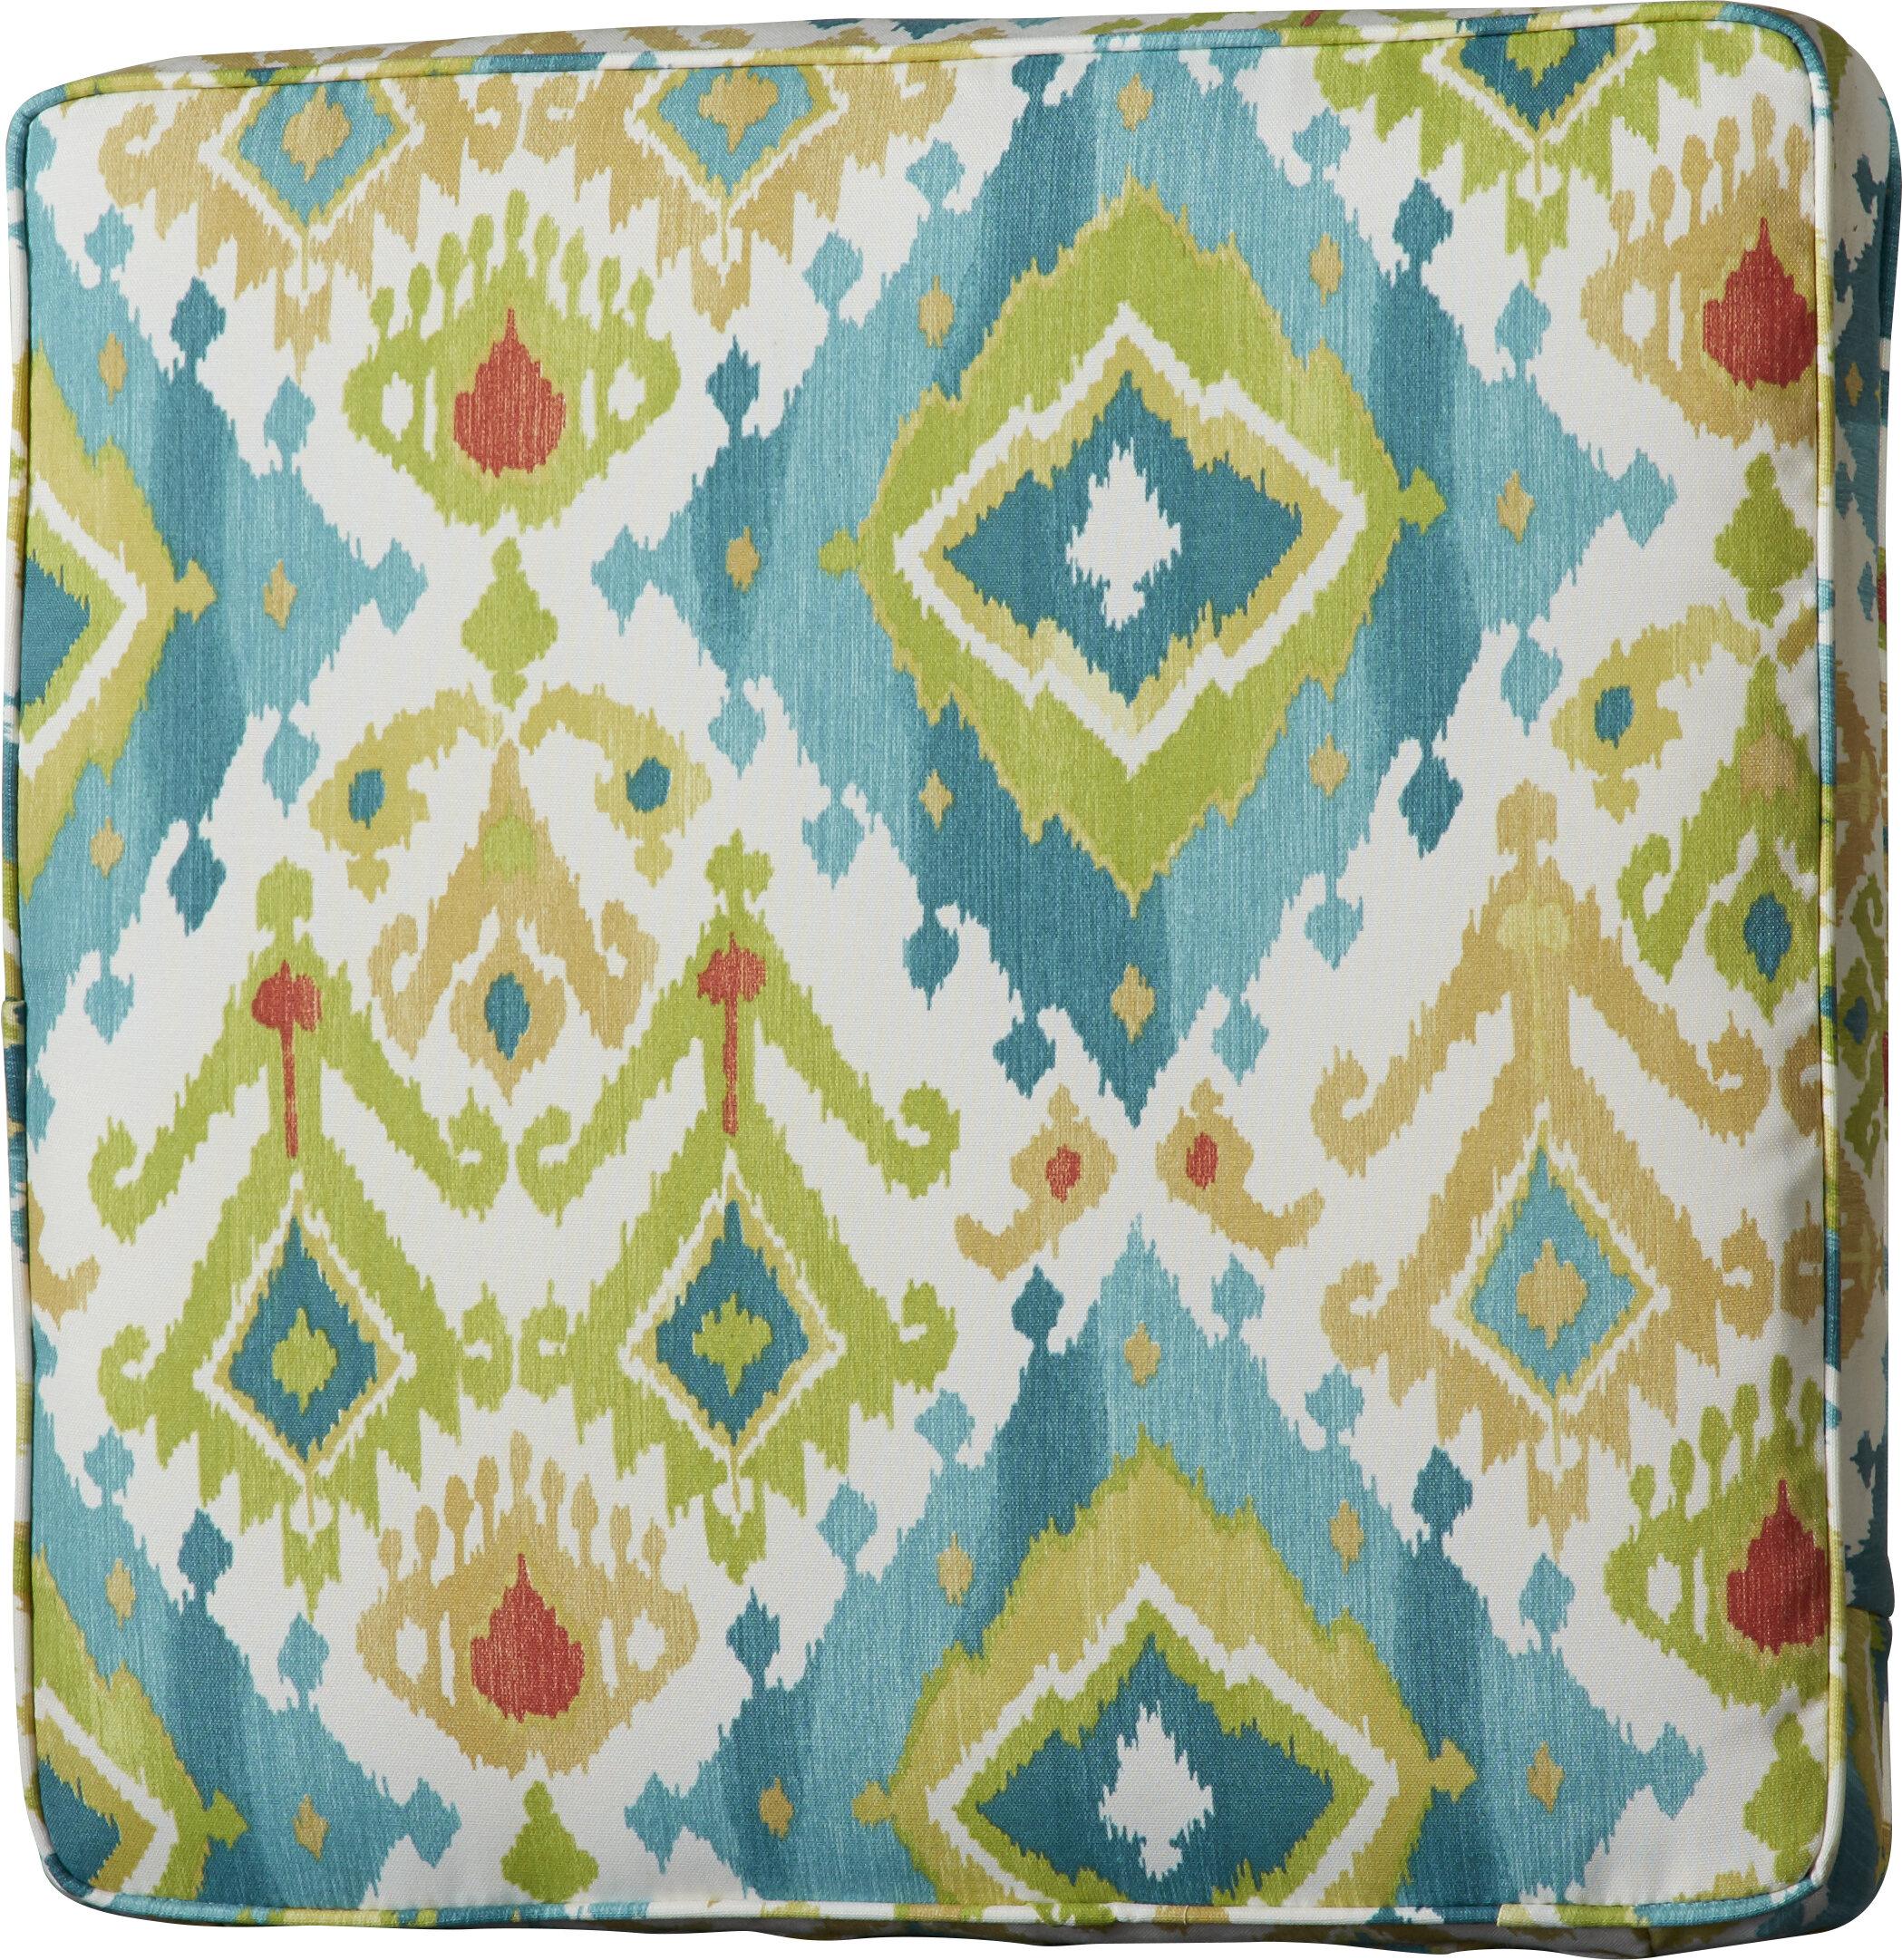 Mistana Camille Indoor/Outdoor Dining Chair Cushion | Wayfair